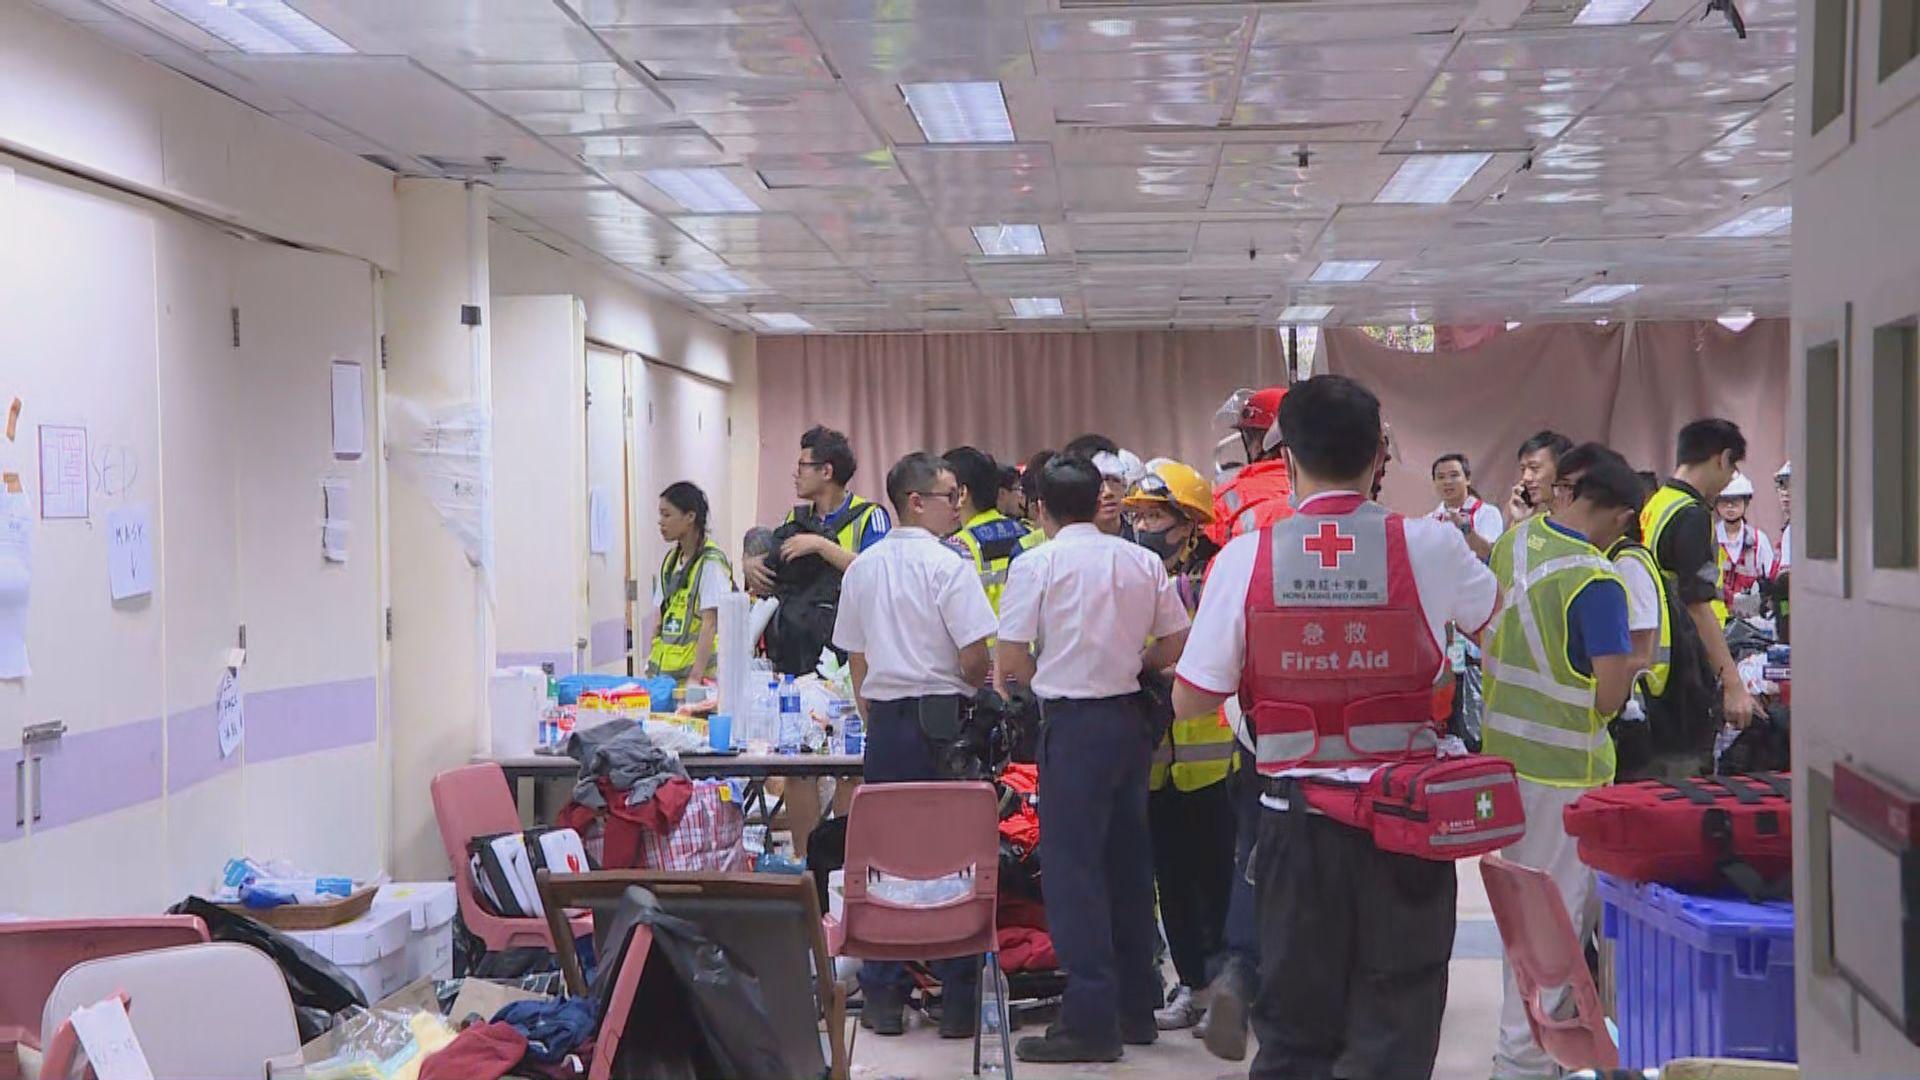 多間公立醫院急症室正處理大量理大傷者